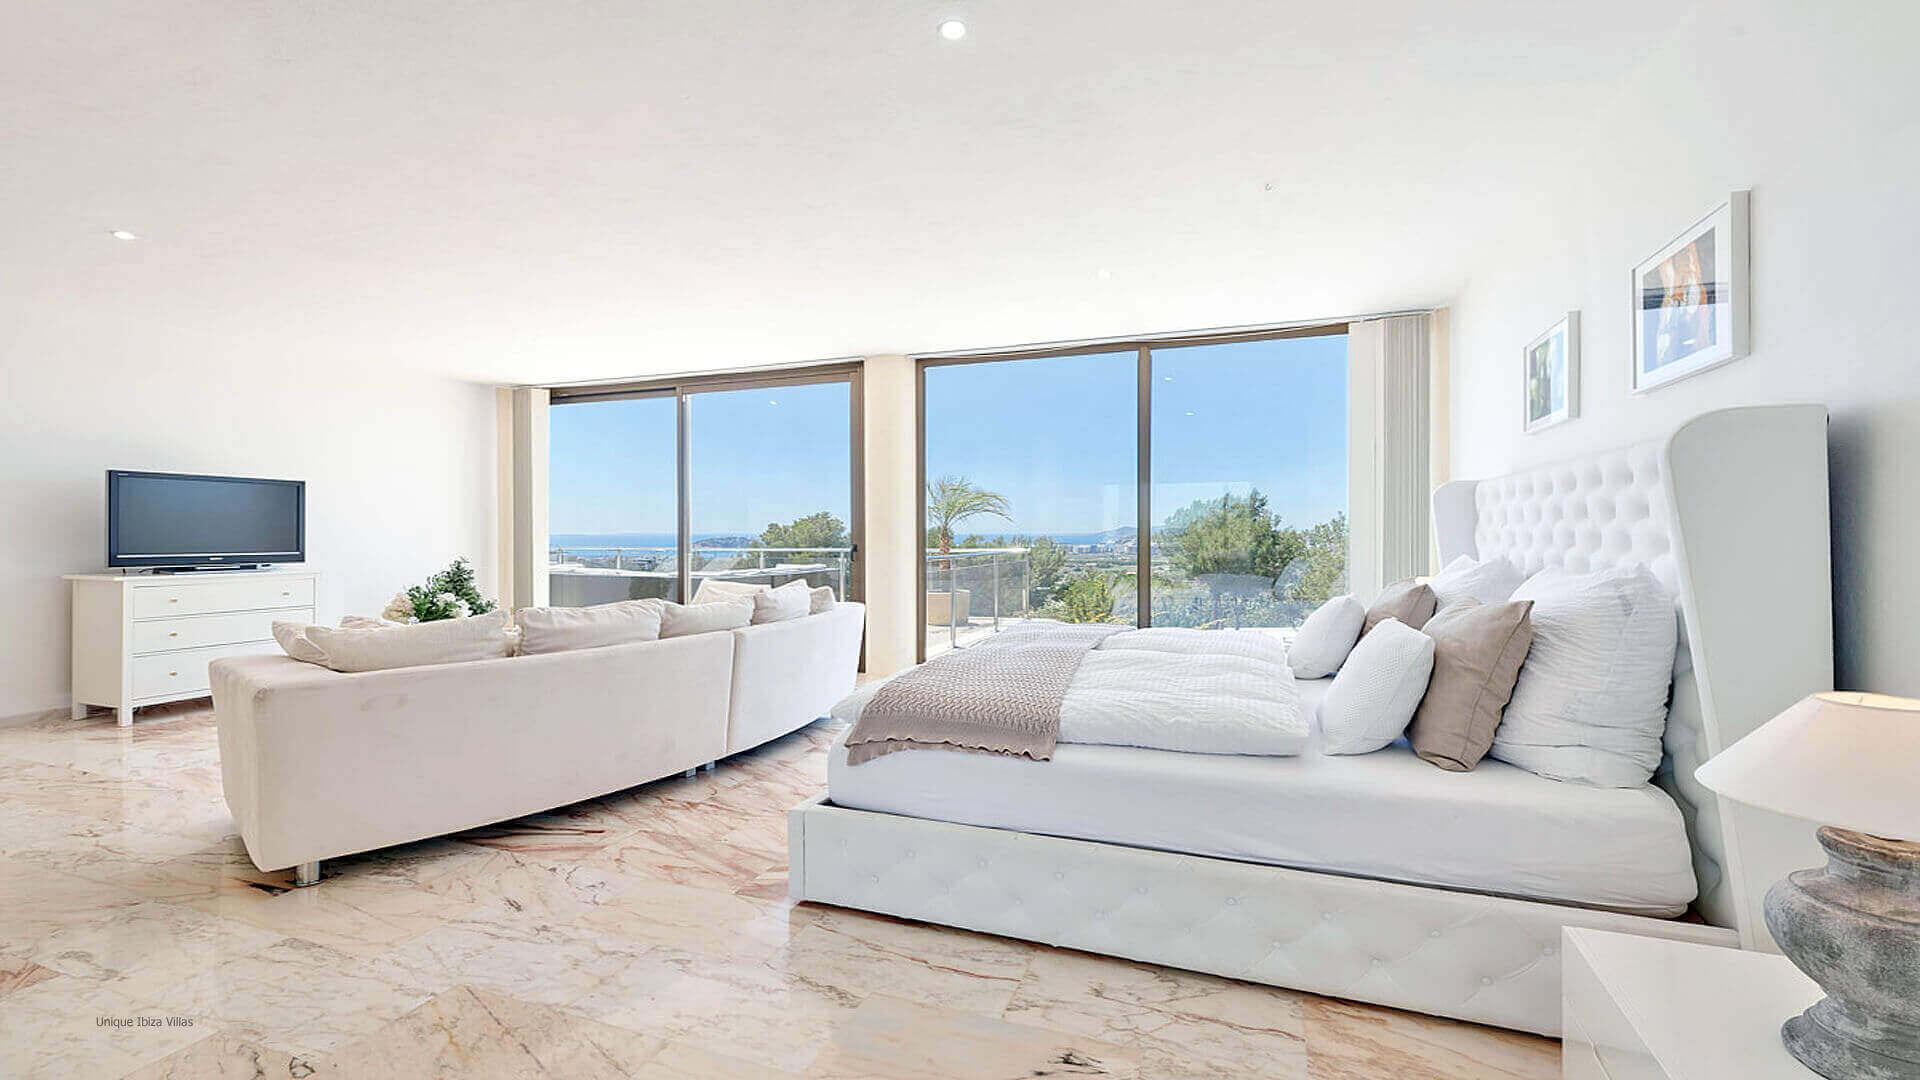 Villa Fontana Ibiza 33 Bedroom 1